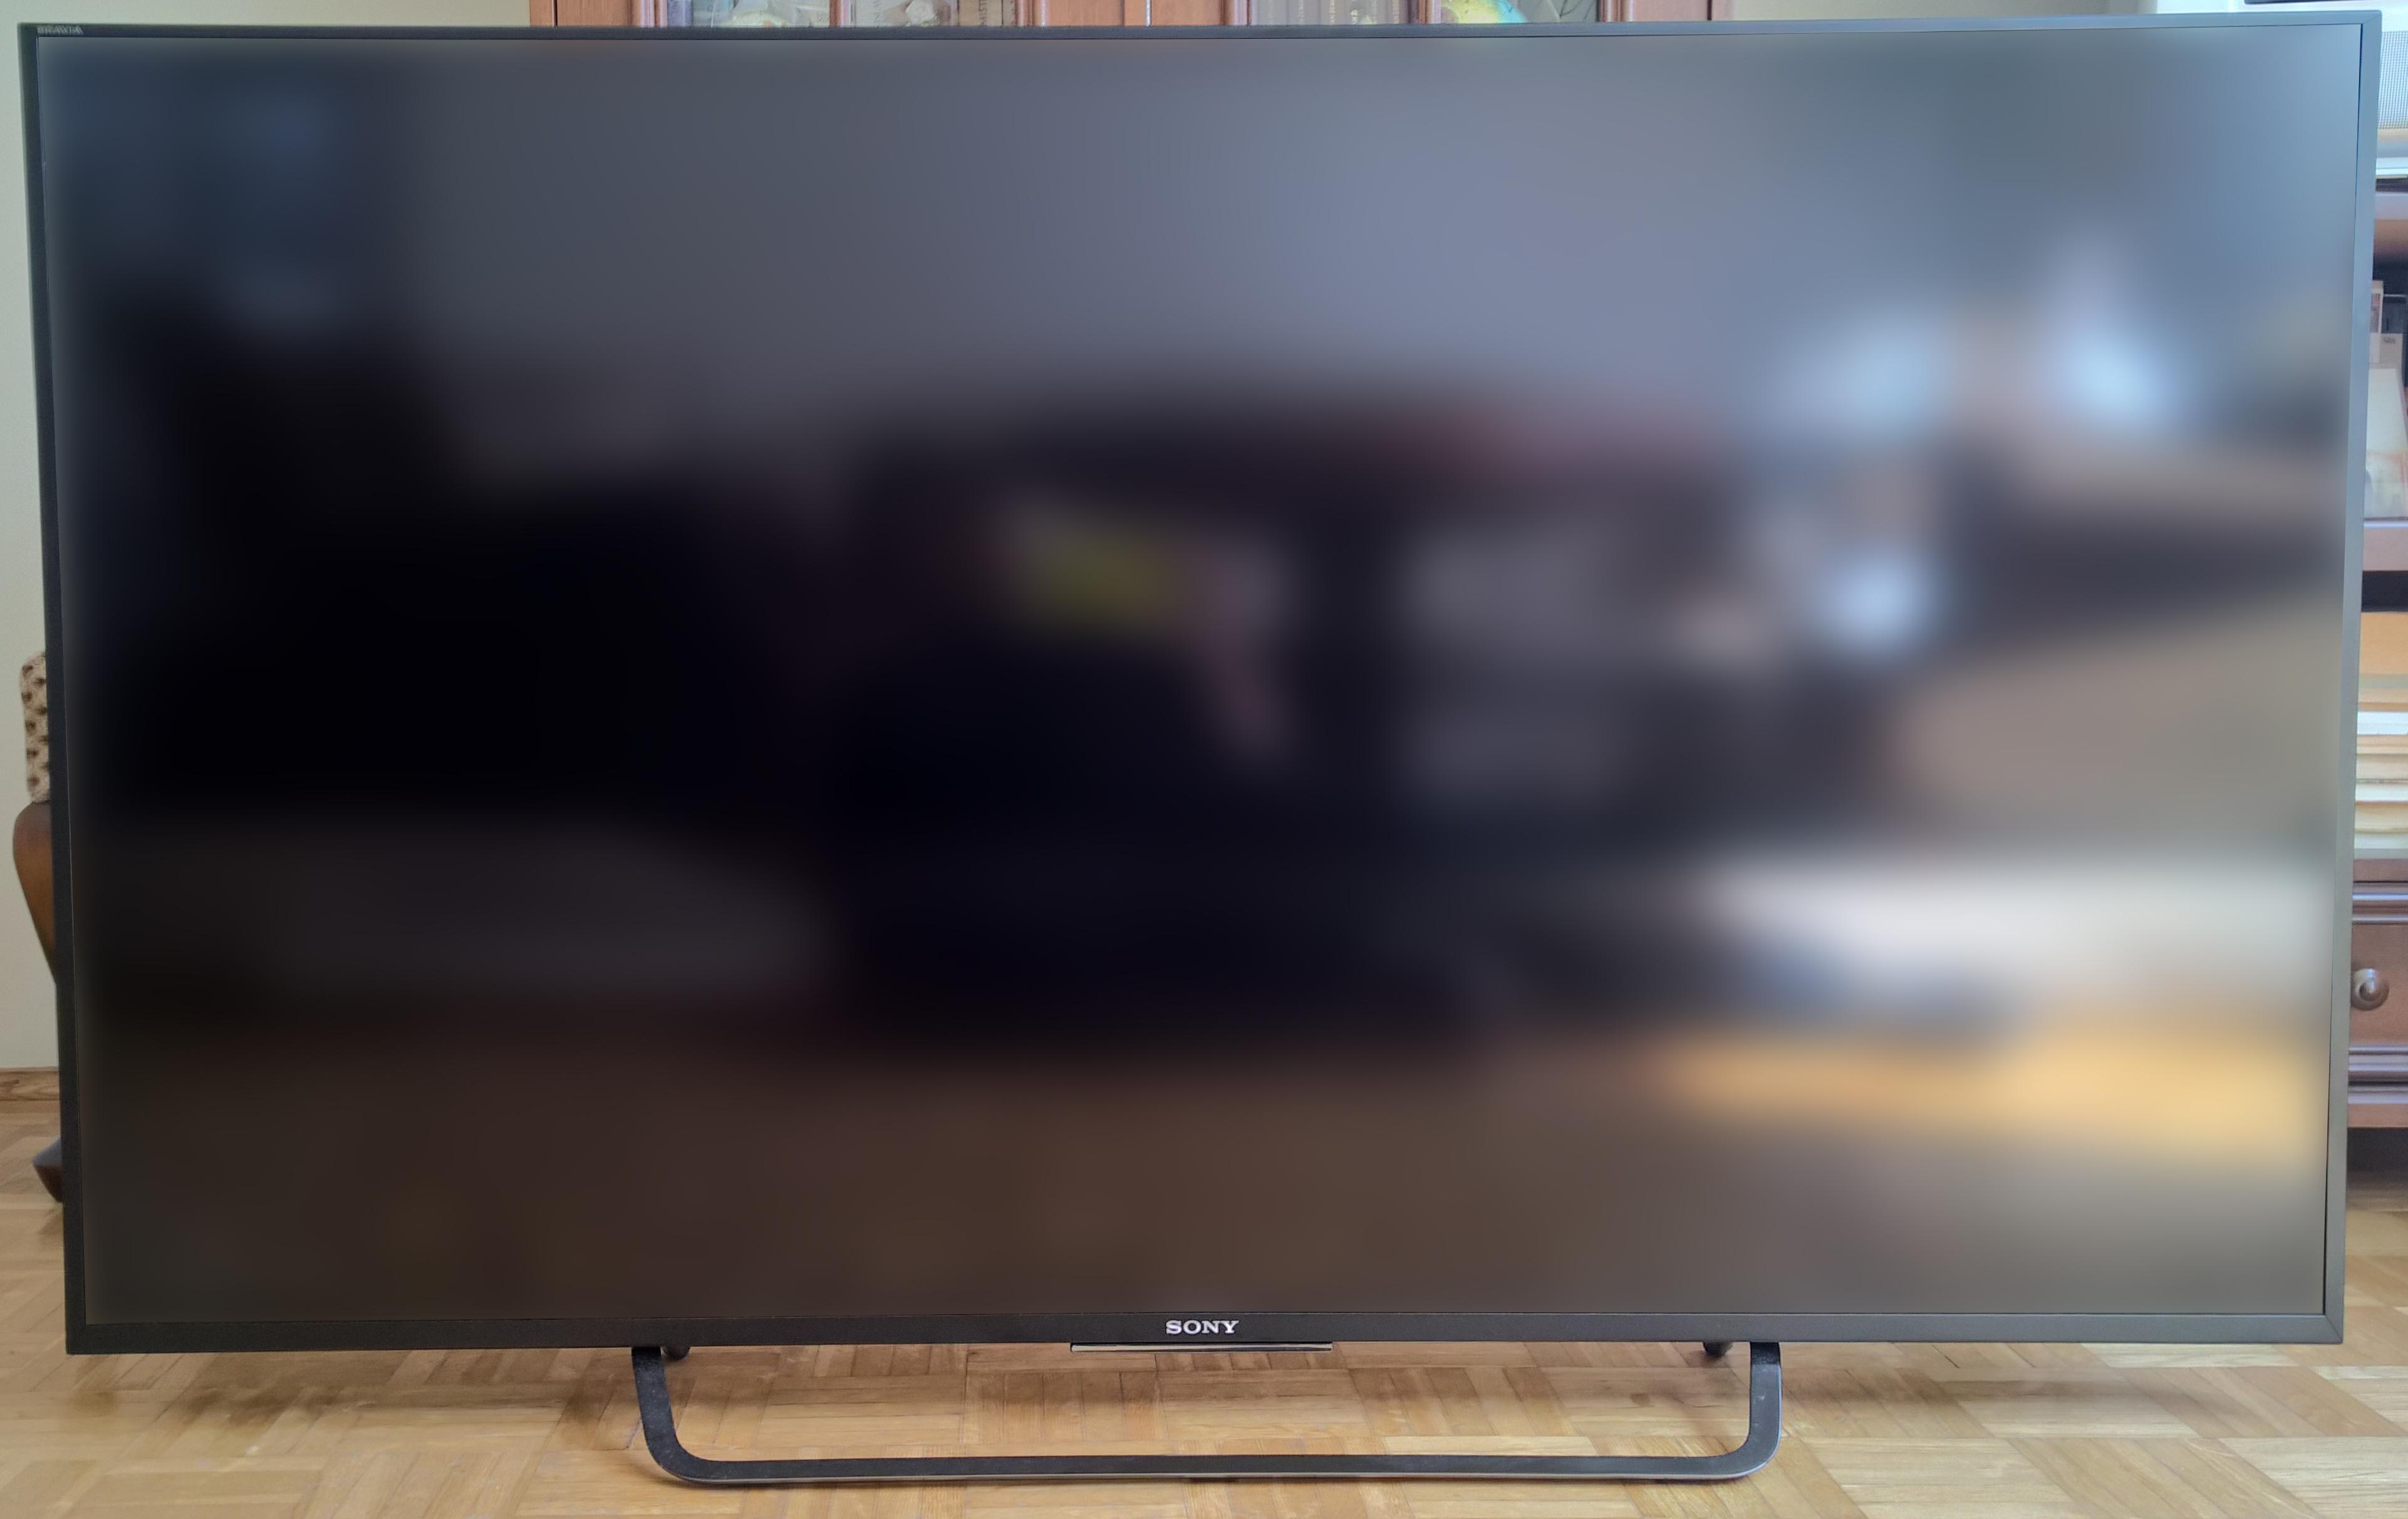 Wspaniały telewizor i problematyczny Android TV  Sony X85C